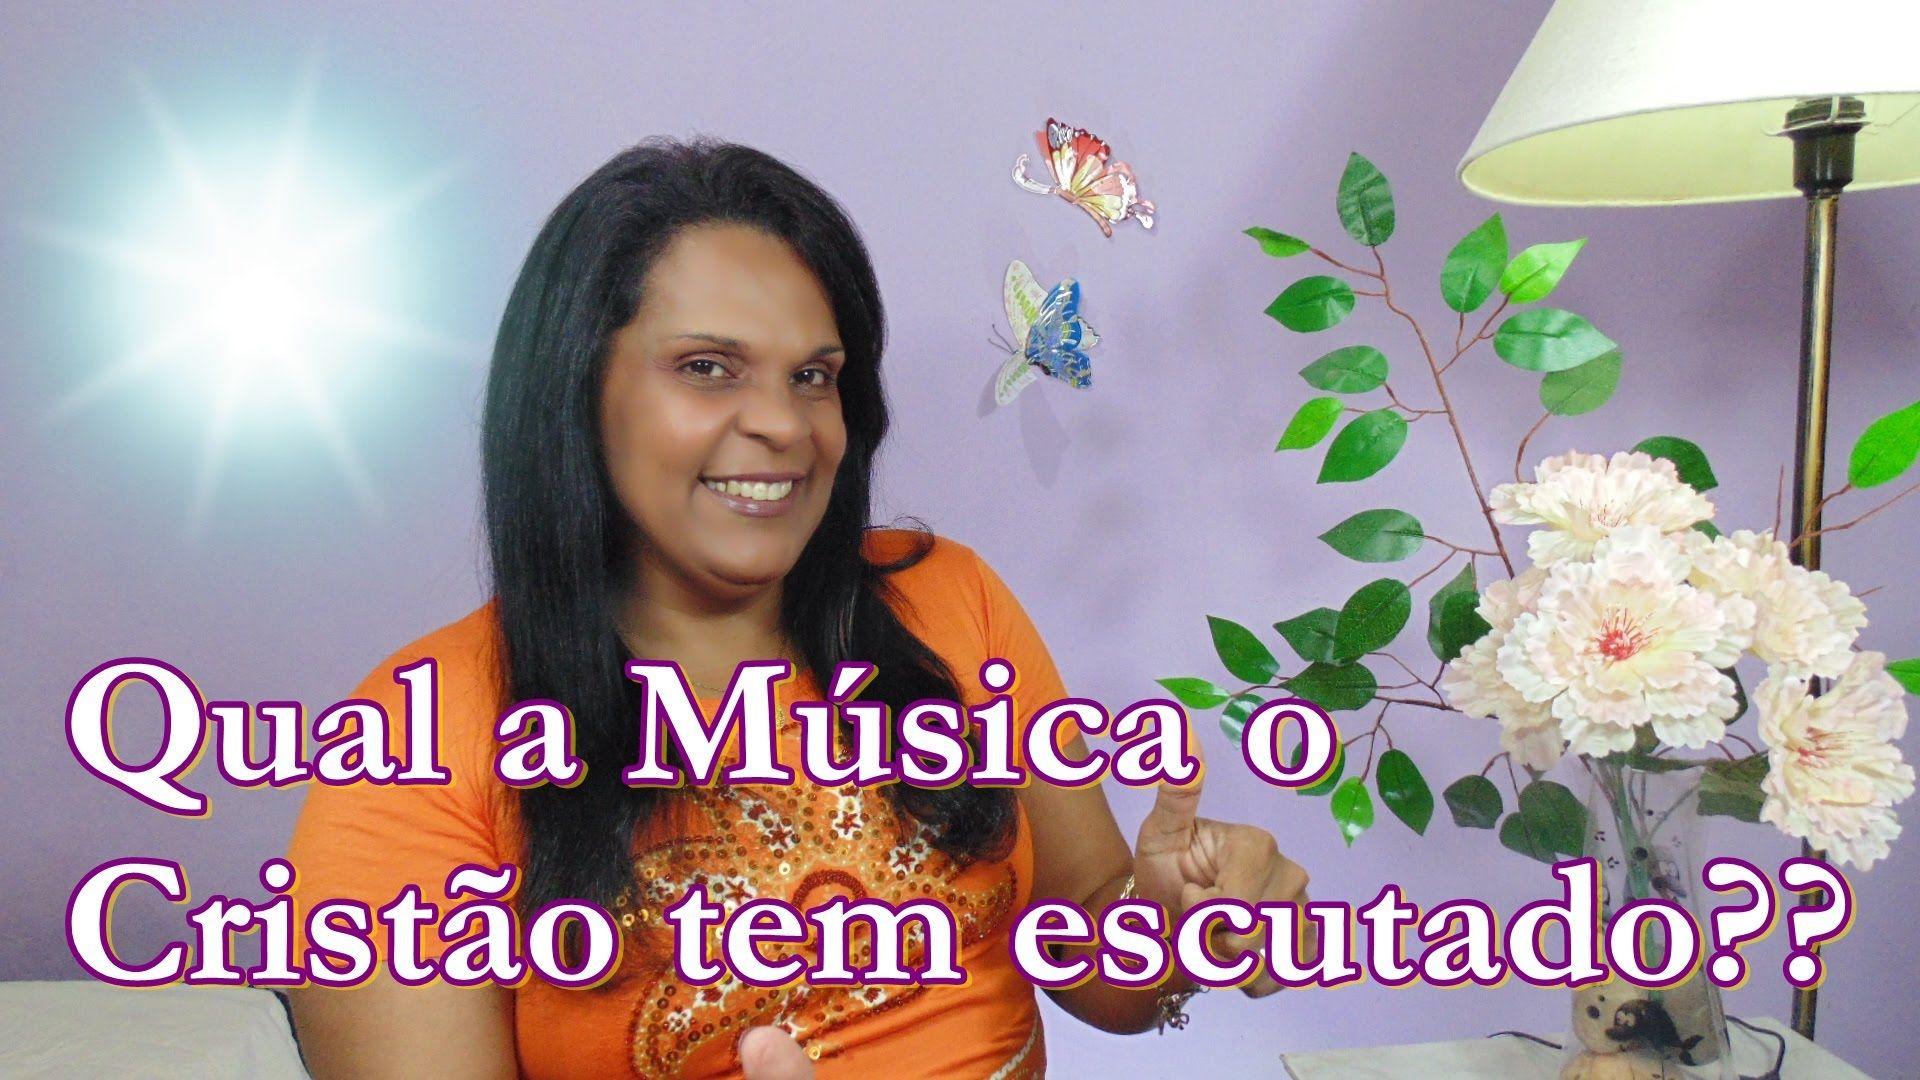 Carla Santana - Qual a música o cristão tem escutado